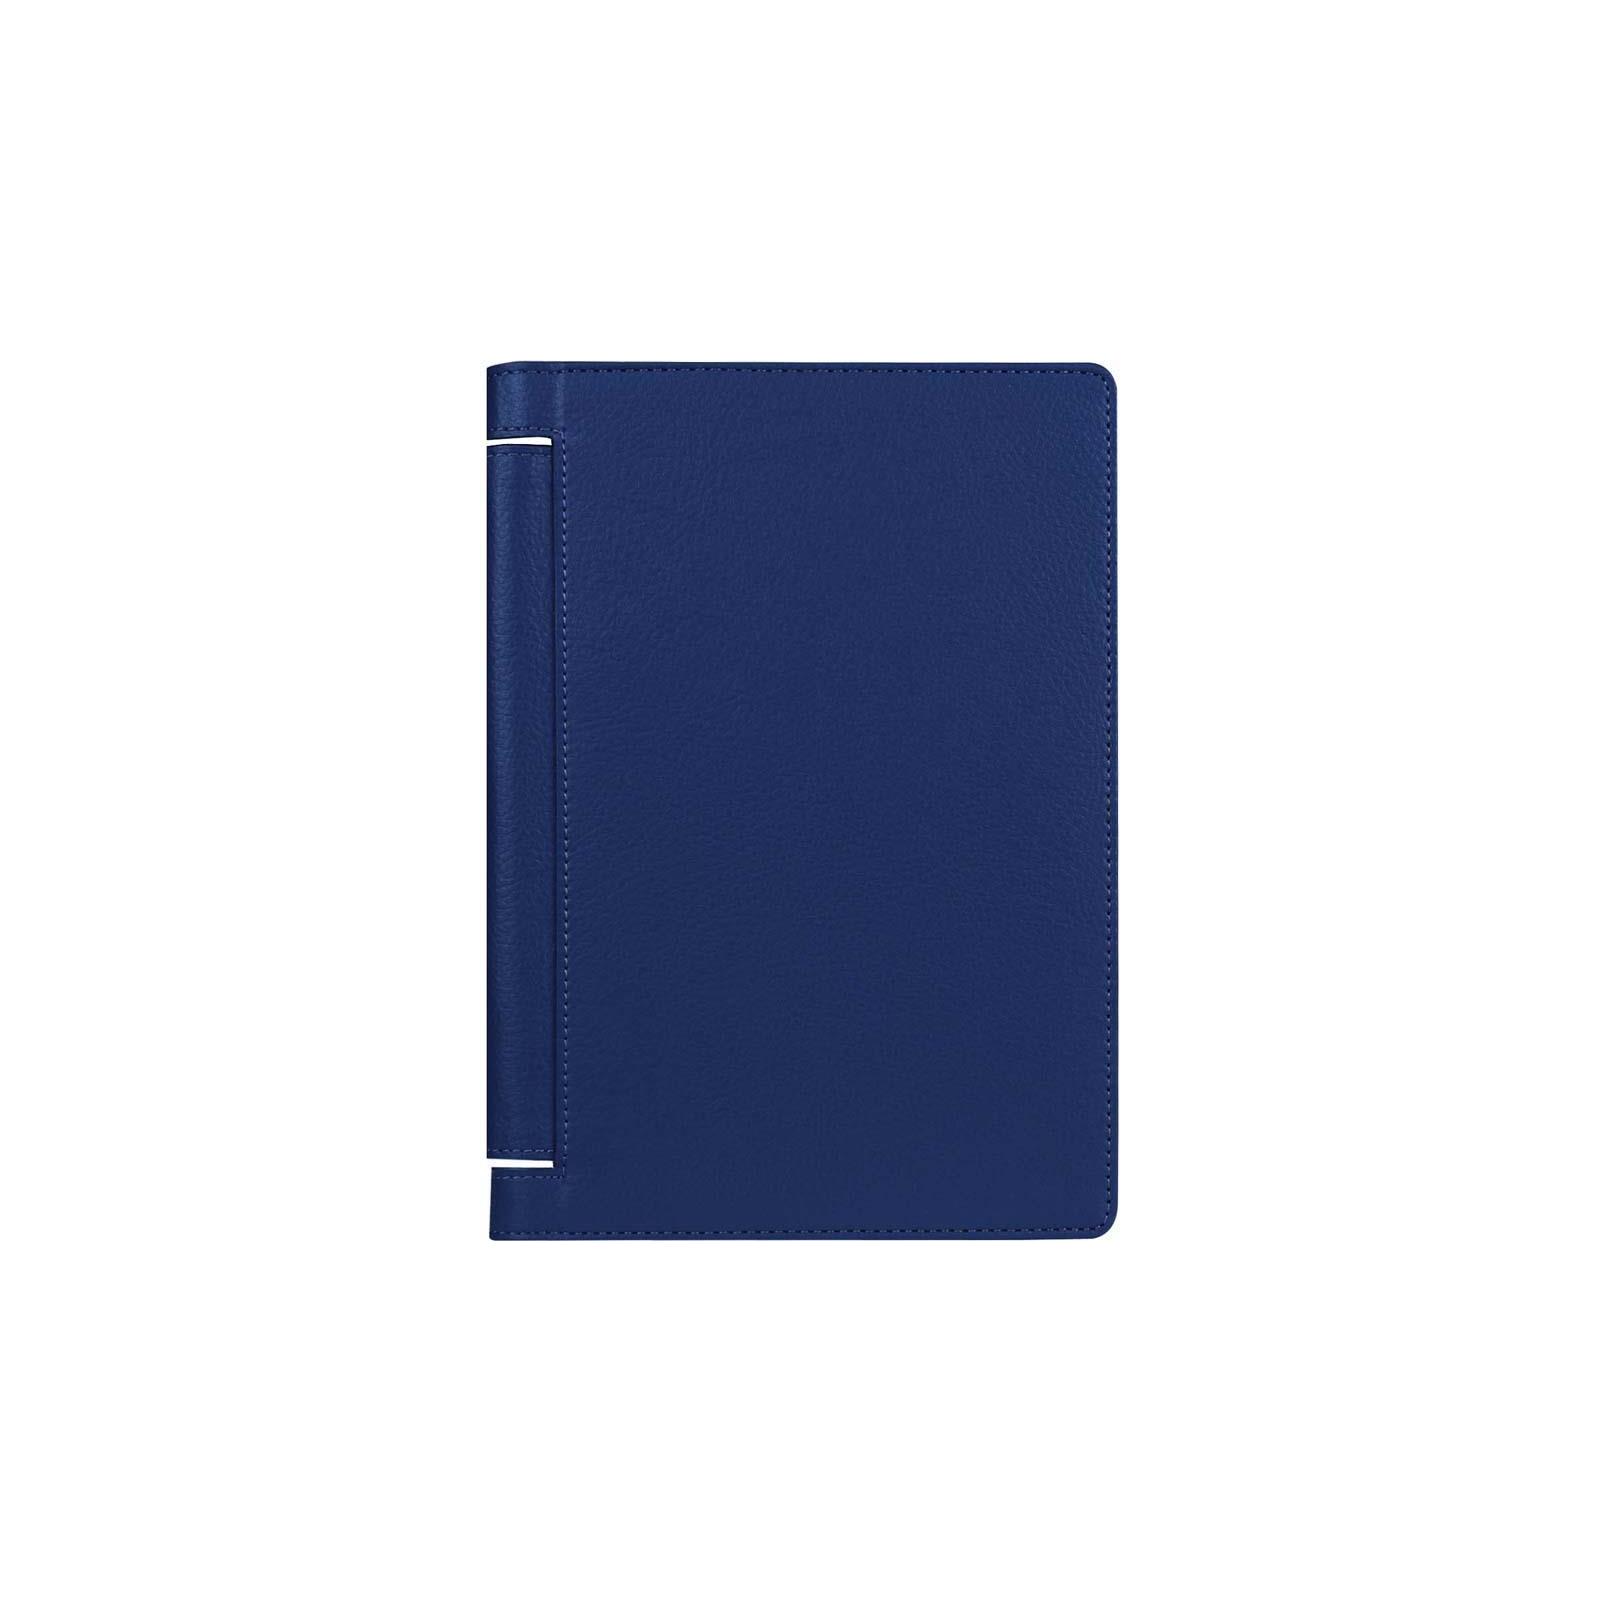 Чехол для планшета AirOn для Lenovo YOGA Tablet 3 8'' blue (4822352770303)